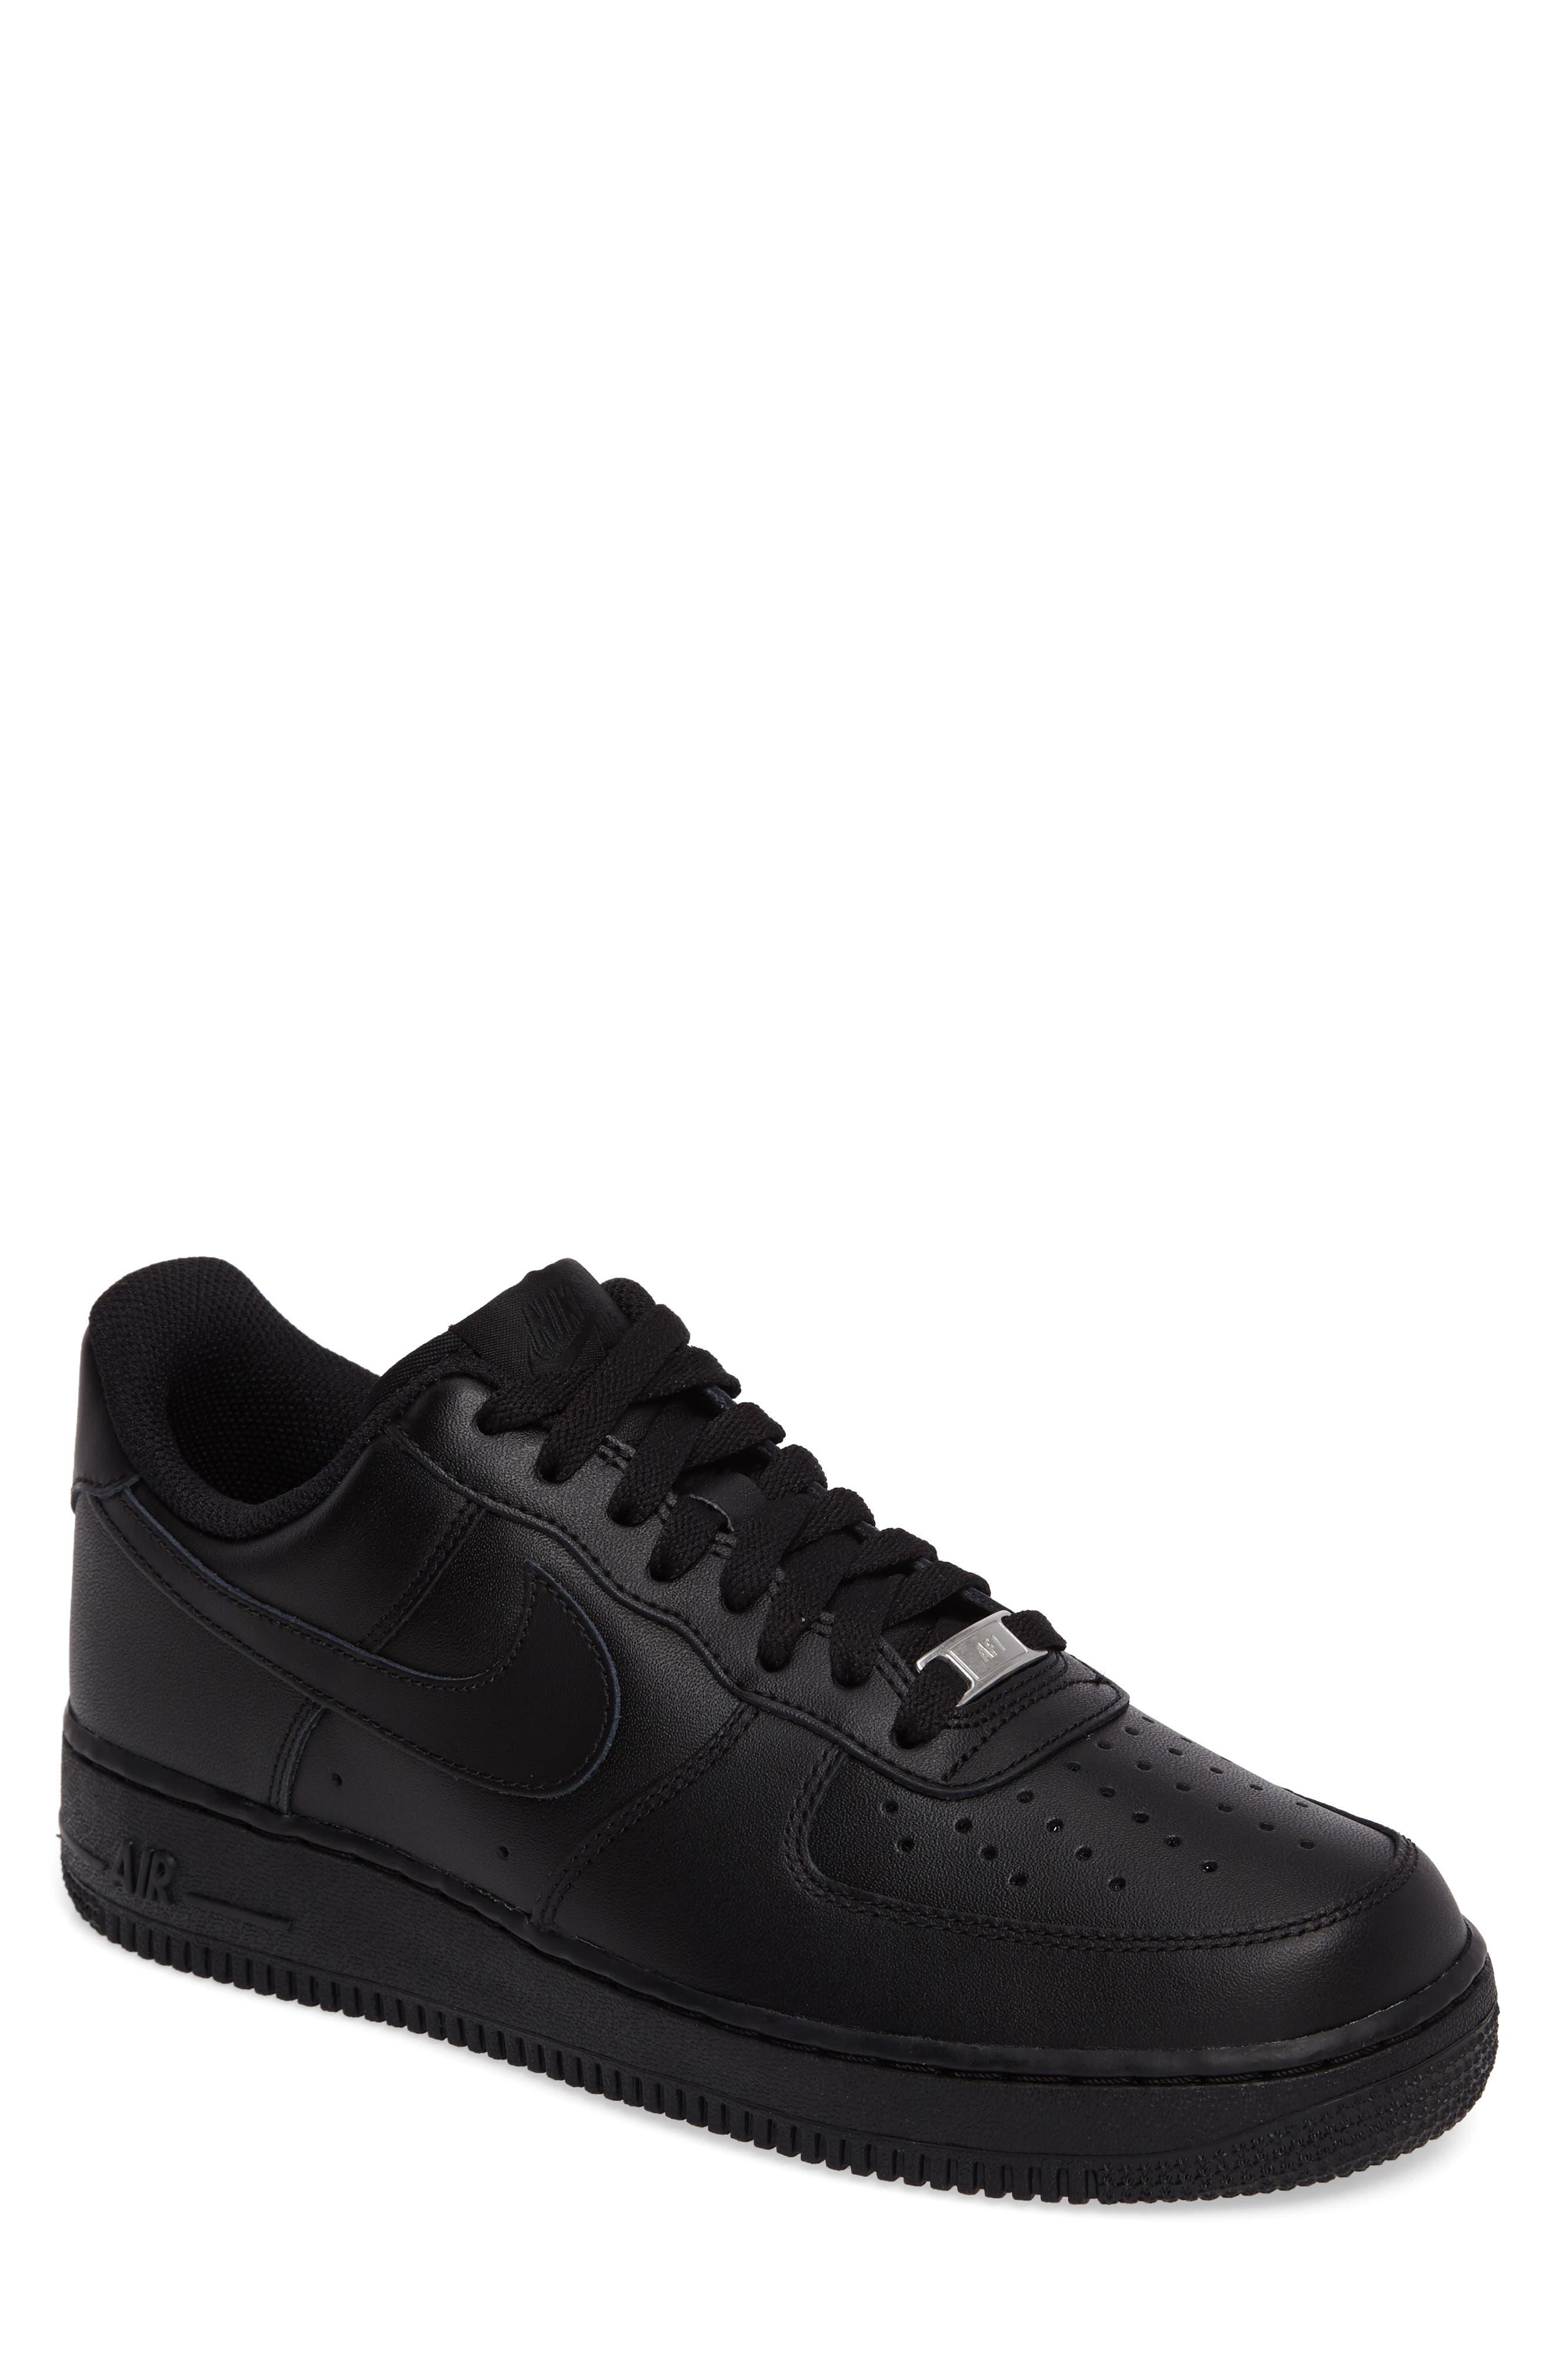 NIKE Air Force 1 '07 Sneaker, Main, color, BLACK/ BLACK